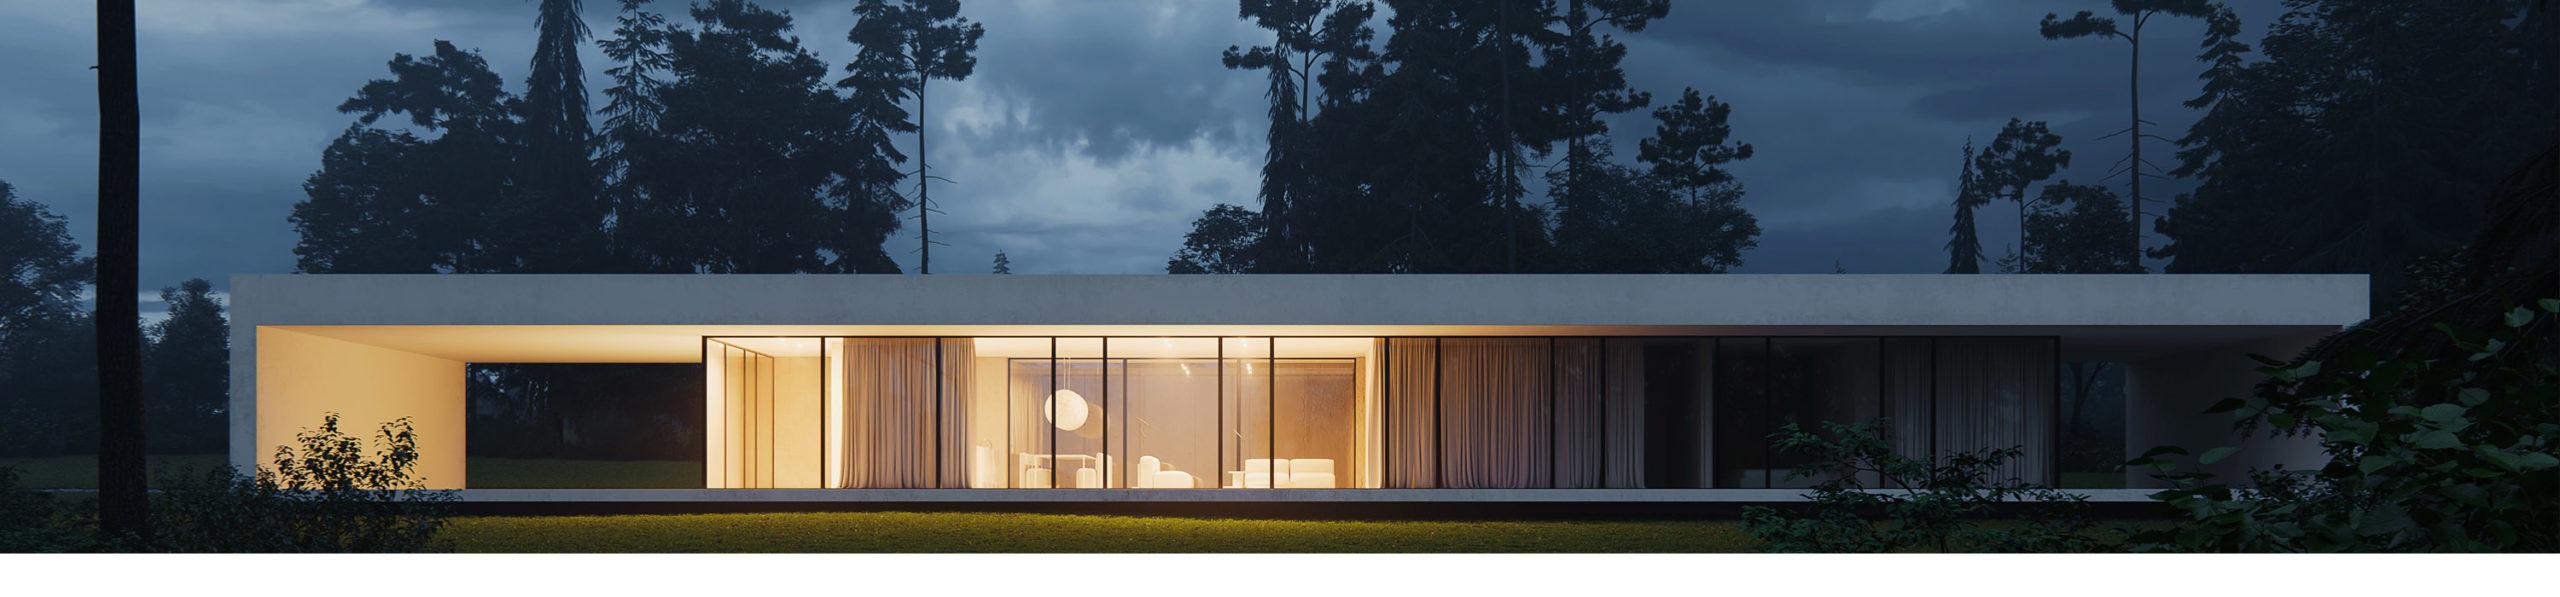 architecture-097